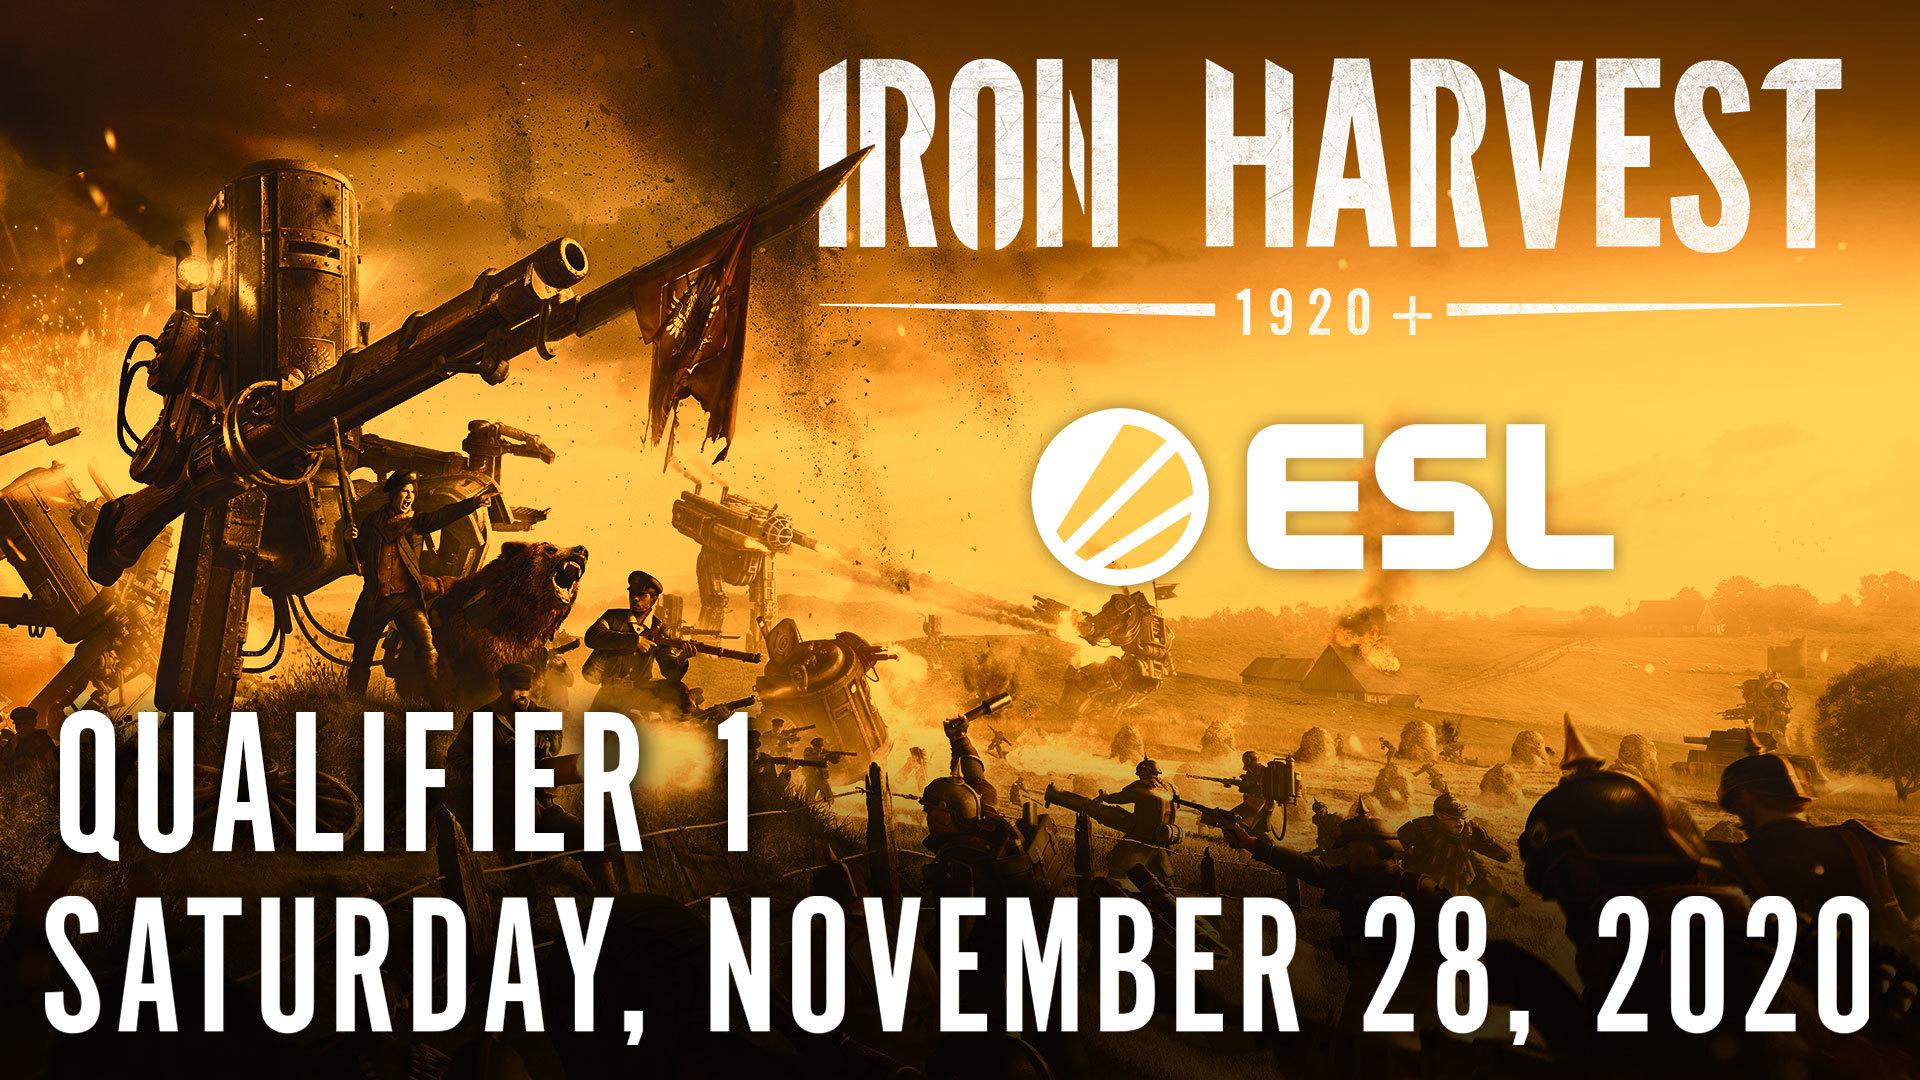 Iron Harvest čeká první příběhové DLC b67f2c56892b8dd473dadcd24ba249d86a2c8ef7